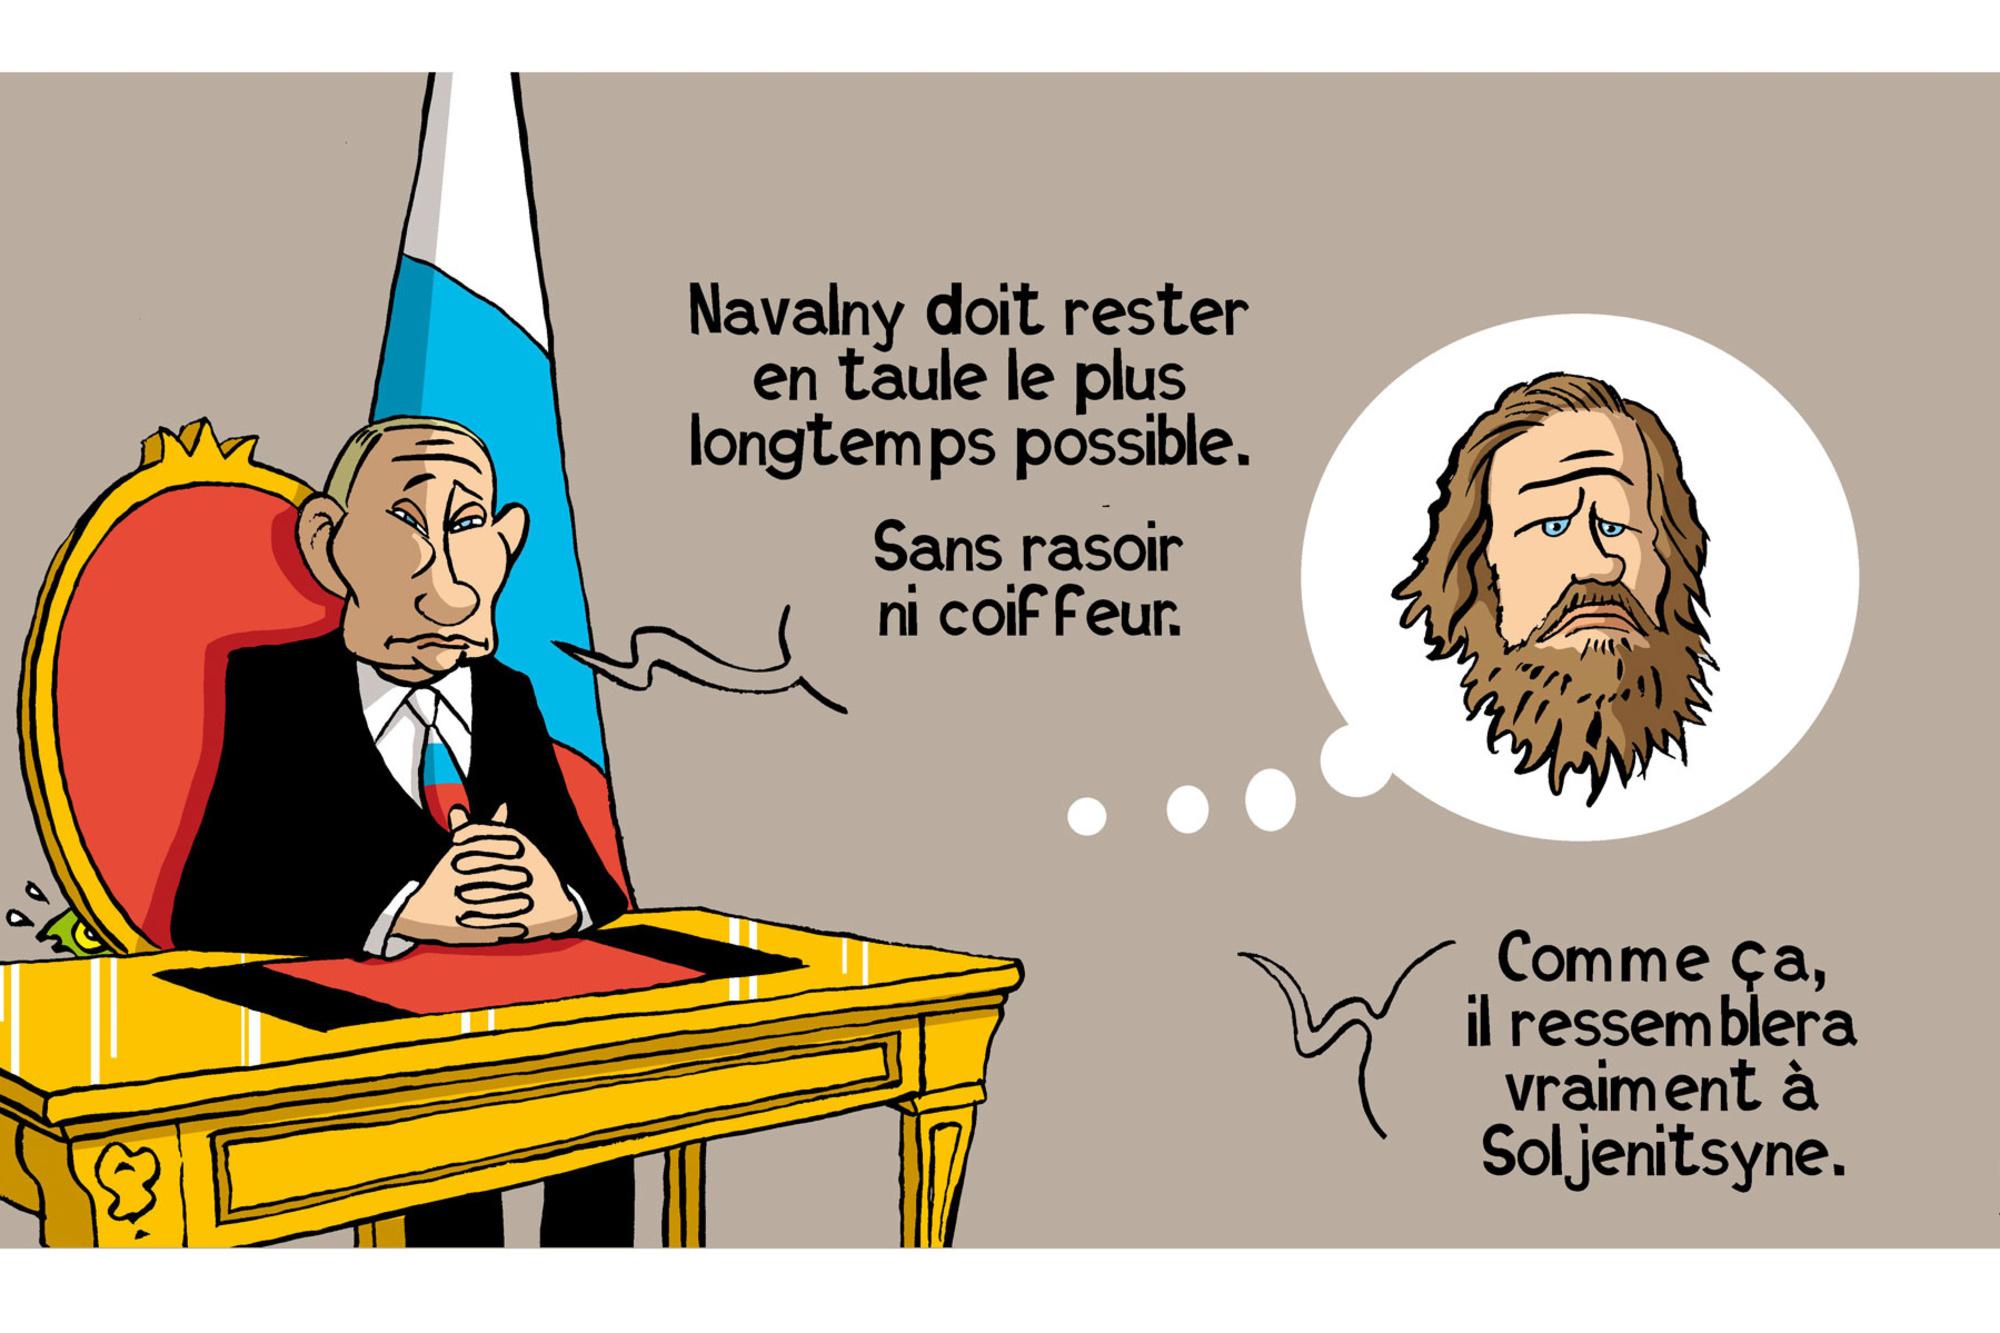 L'emprionnement de l'opposant politique Alexeï Navalny en russie illustre une dérive du pouvoir de plus en plus autocrate de la part de Poutine., Vadot